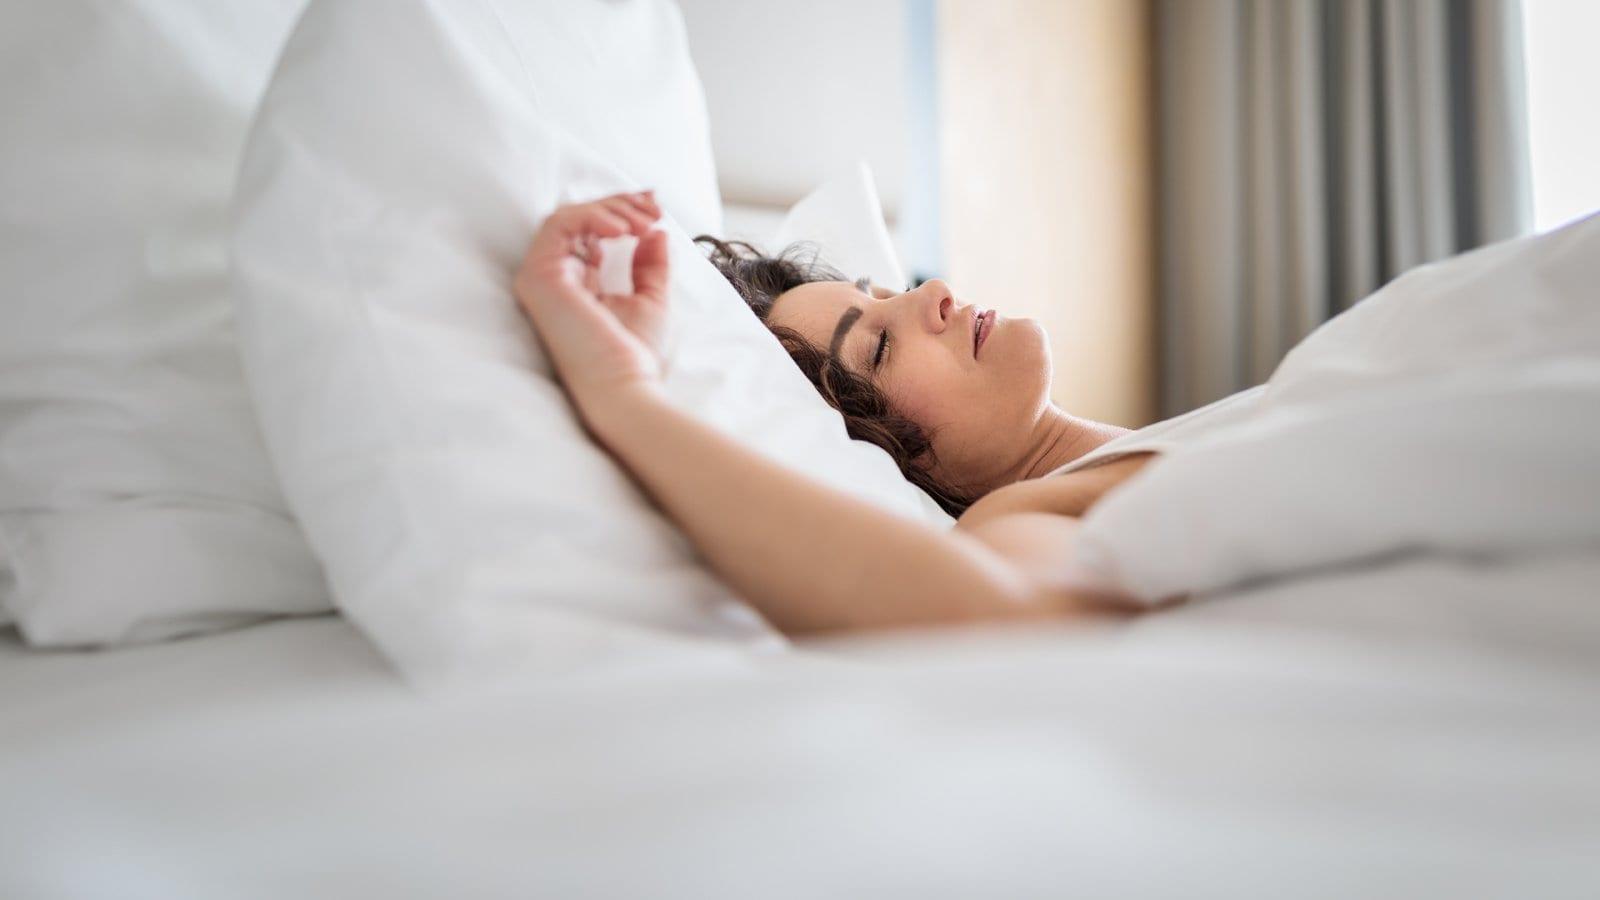 Lo facciamo per circa 230 mila ore nell'arco della vita, ma metà degli italiani dorme male. Eppure il sonno è una medicina miracolosa.<br> Ecco le regole per sogni d'oro